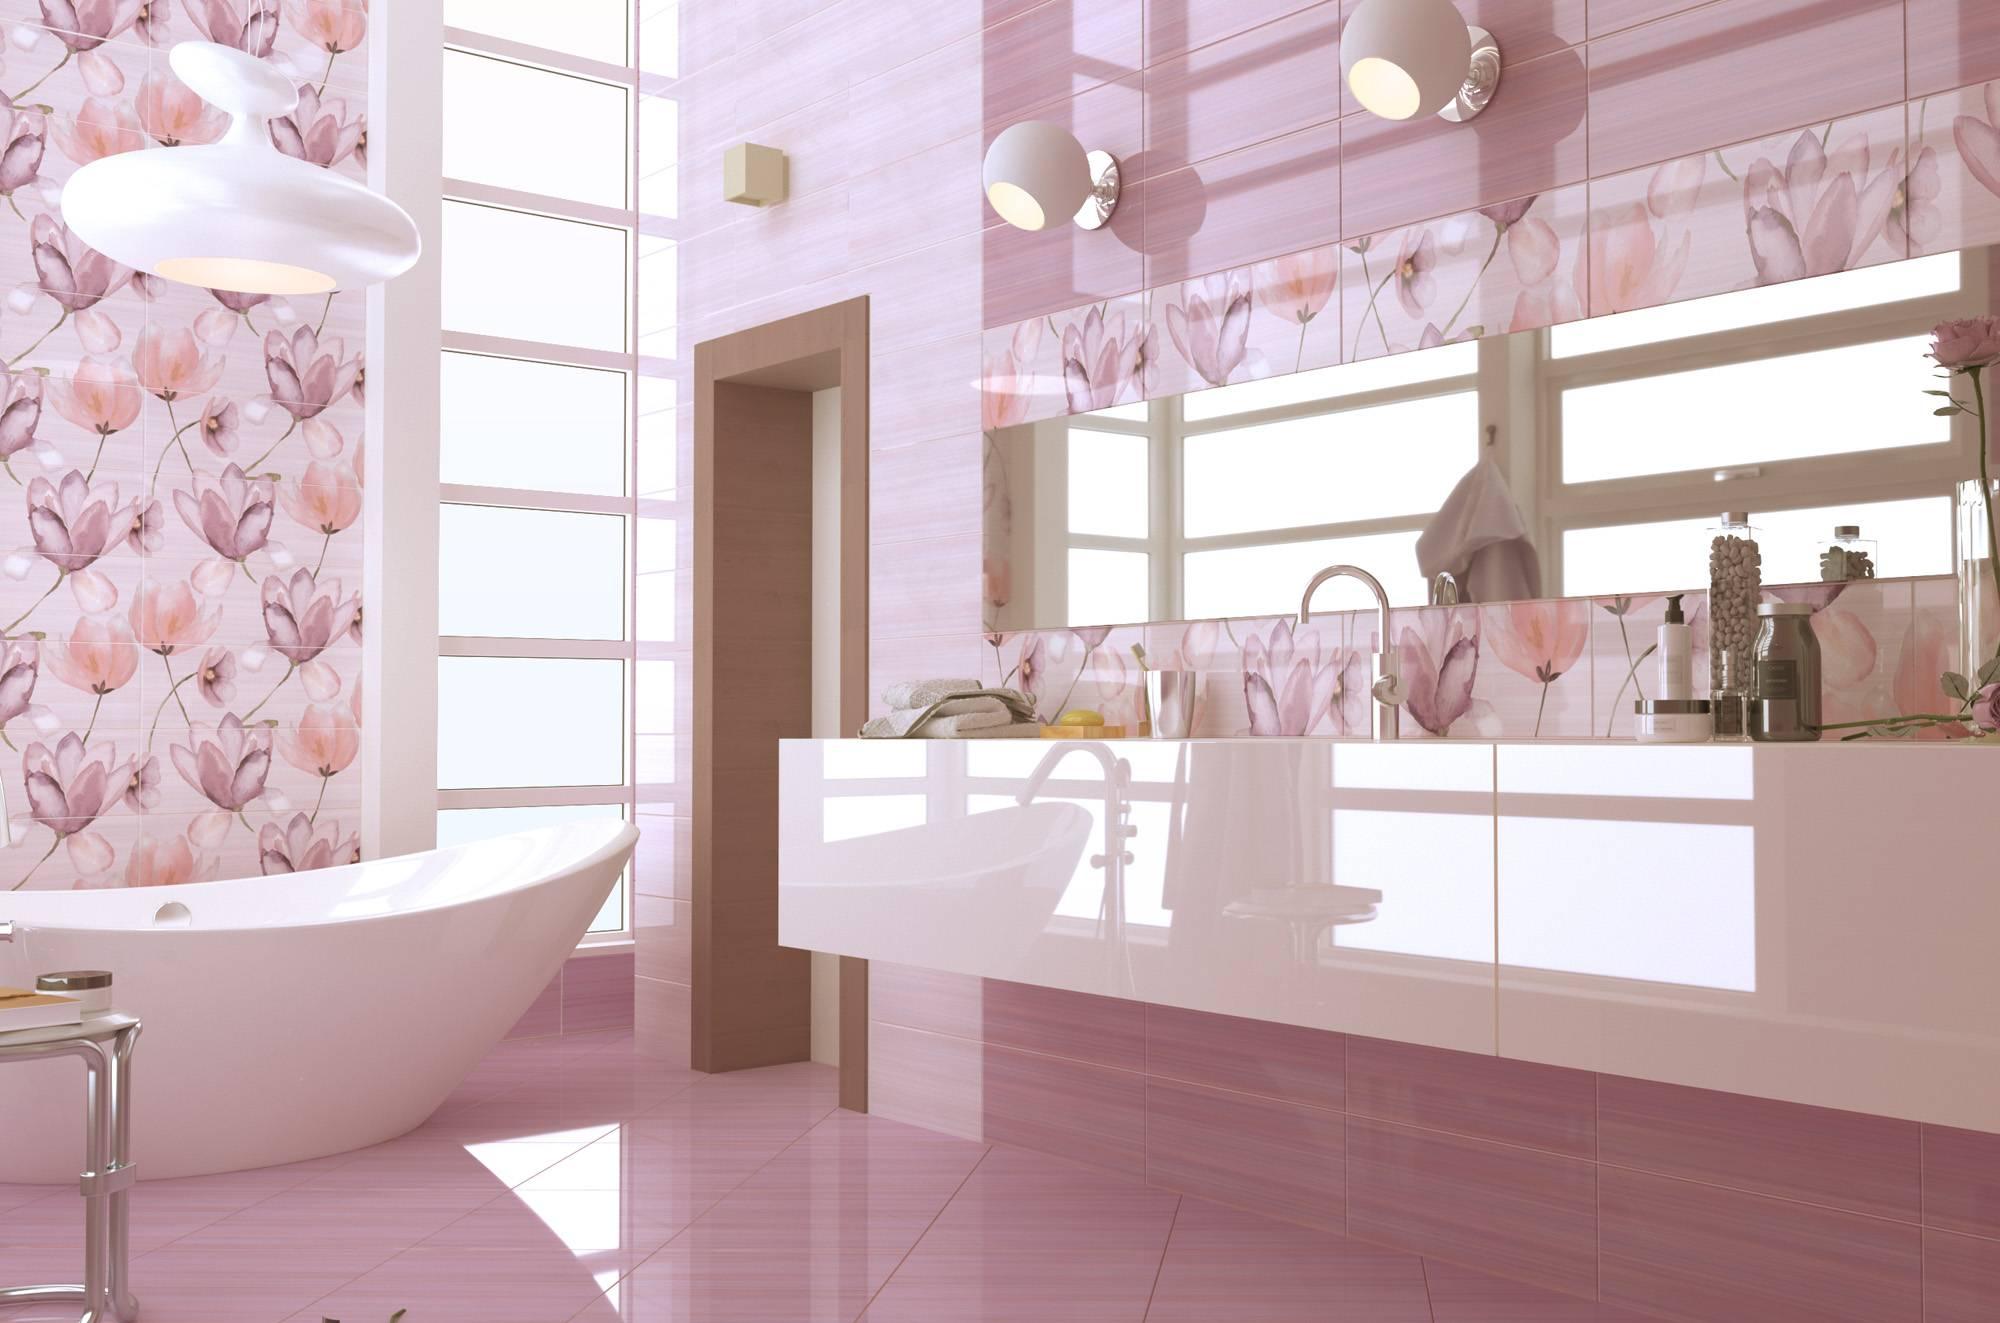 Golden tile swedish wallpapers купить по цене от 725 руб. плитка для ванной голден тайл swedish wallpapers в москве, фото в интерьере - plitka-sdvk.ru